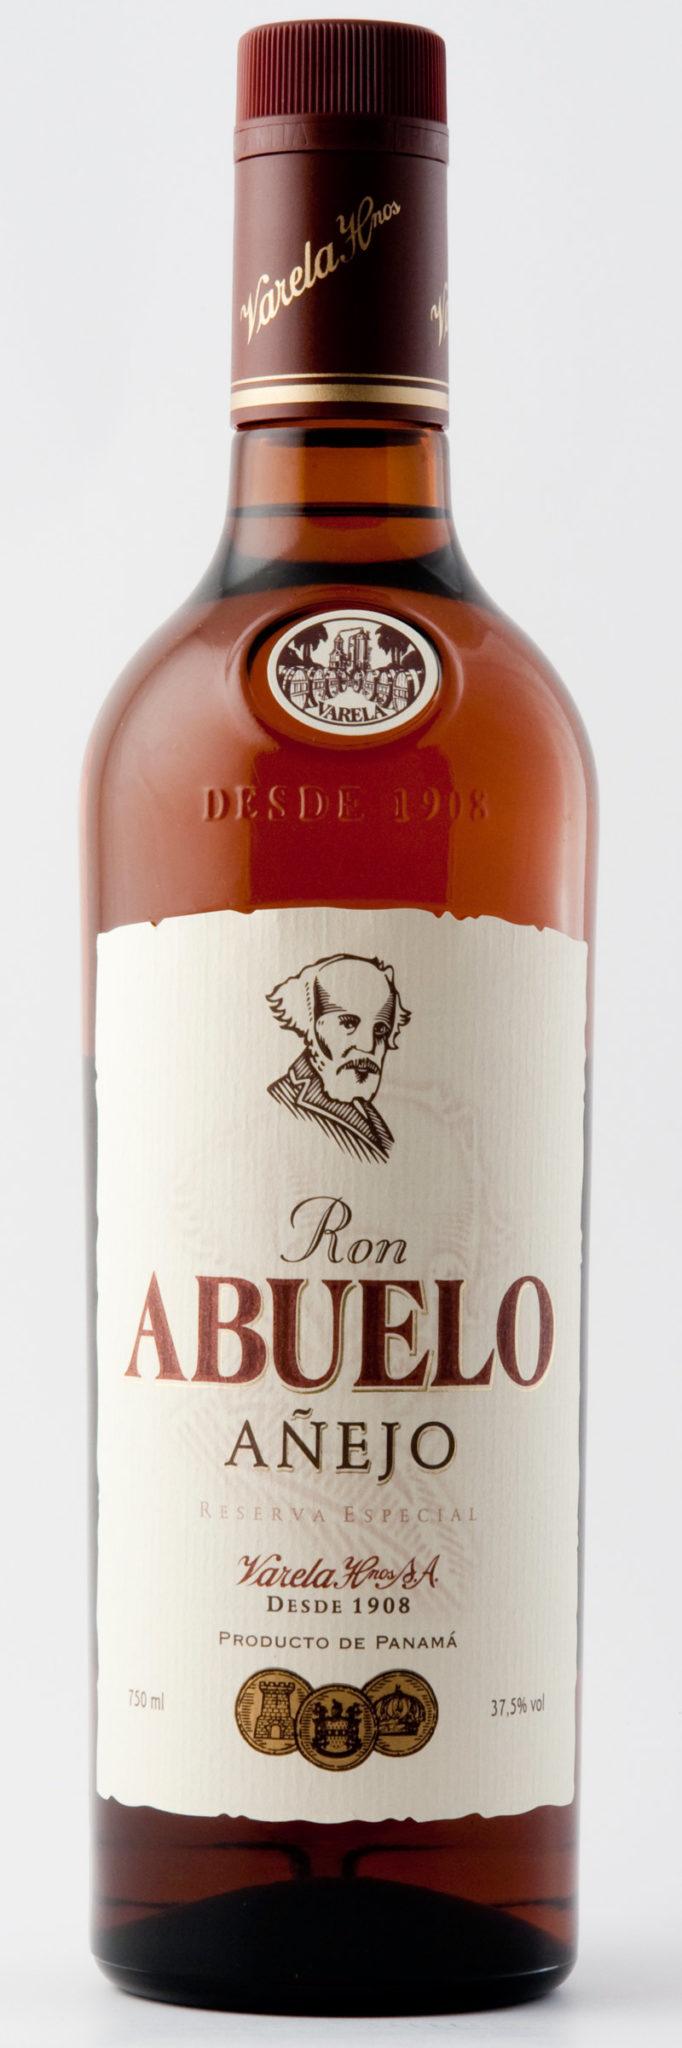 Abuelo Añejo Image